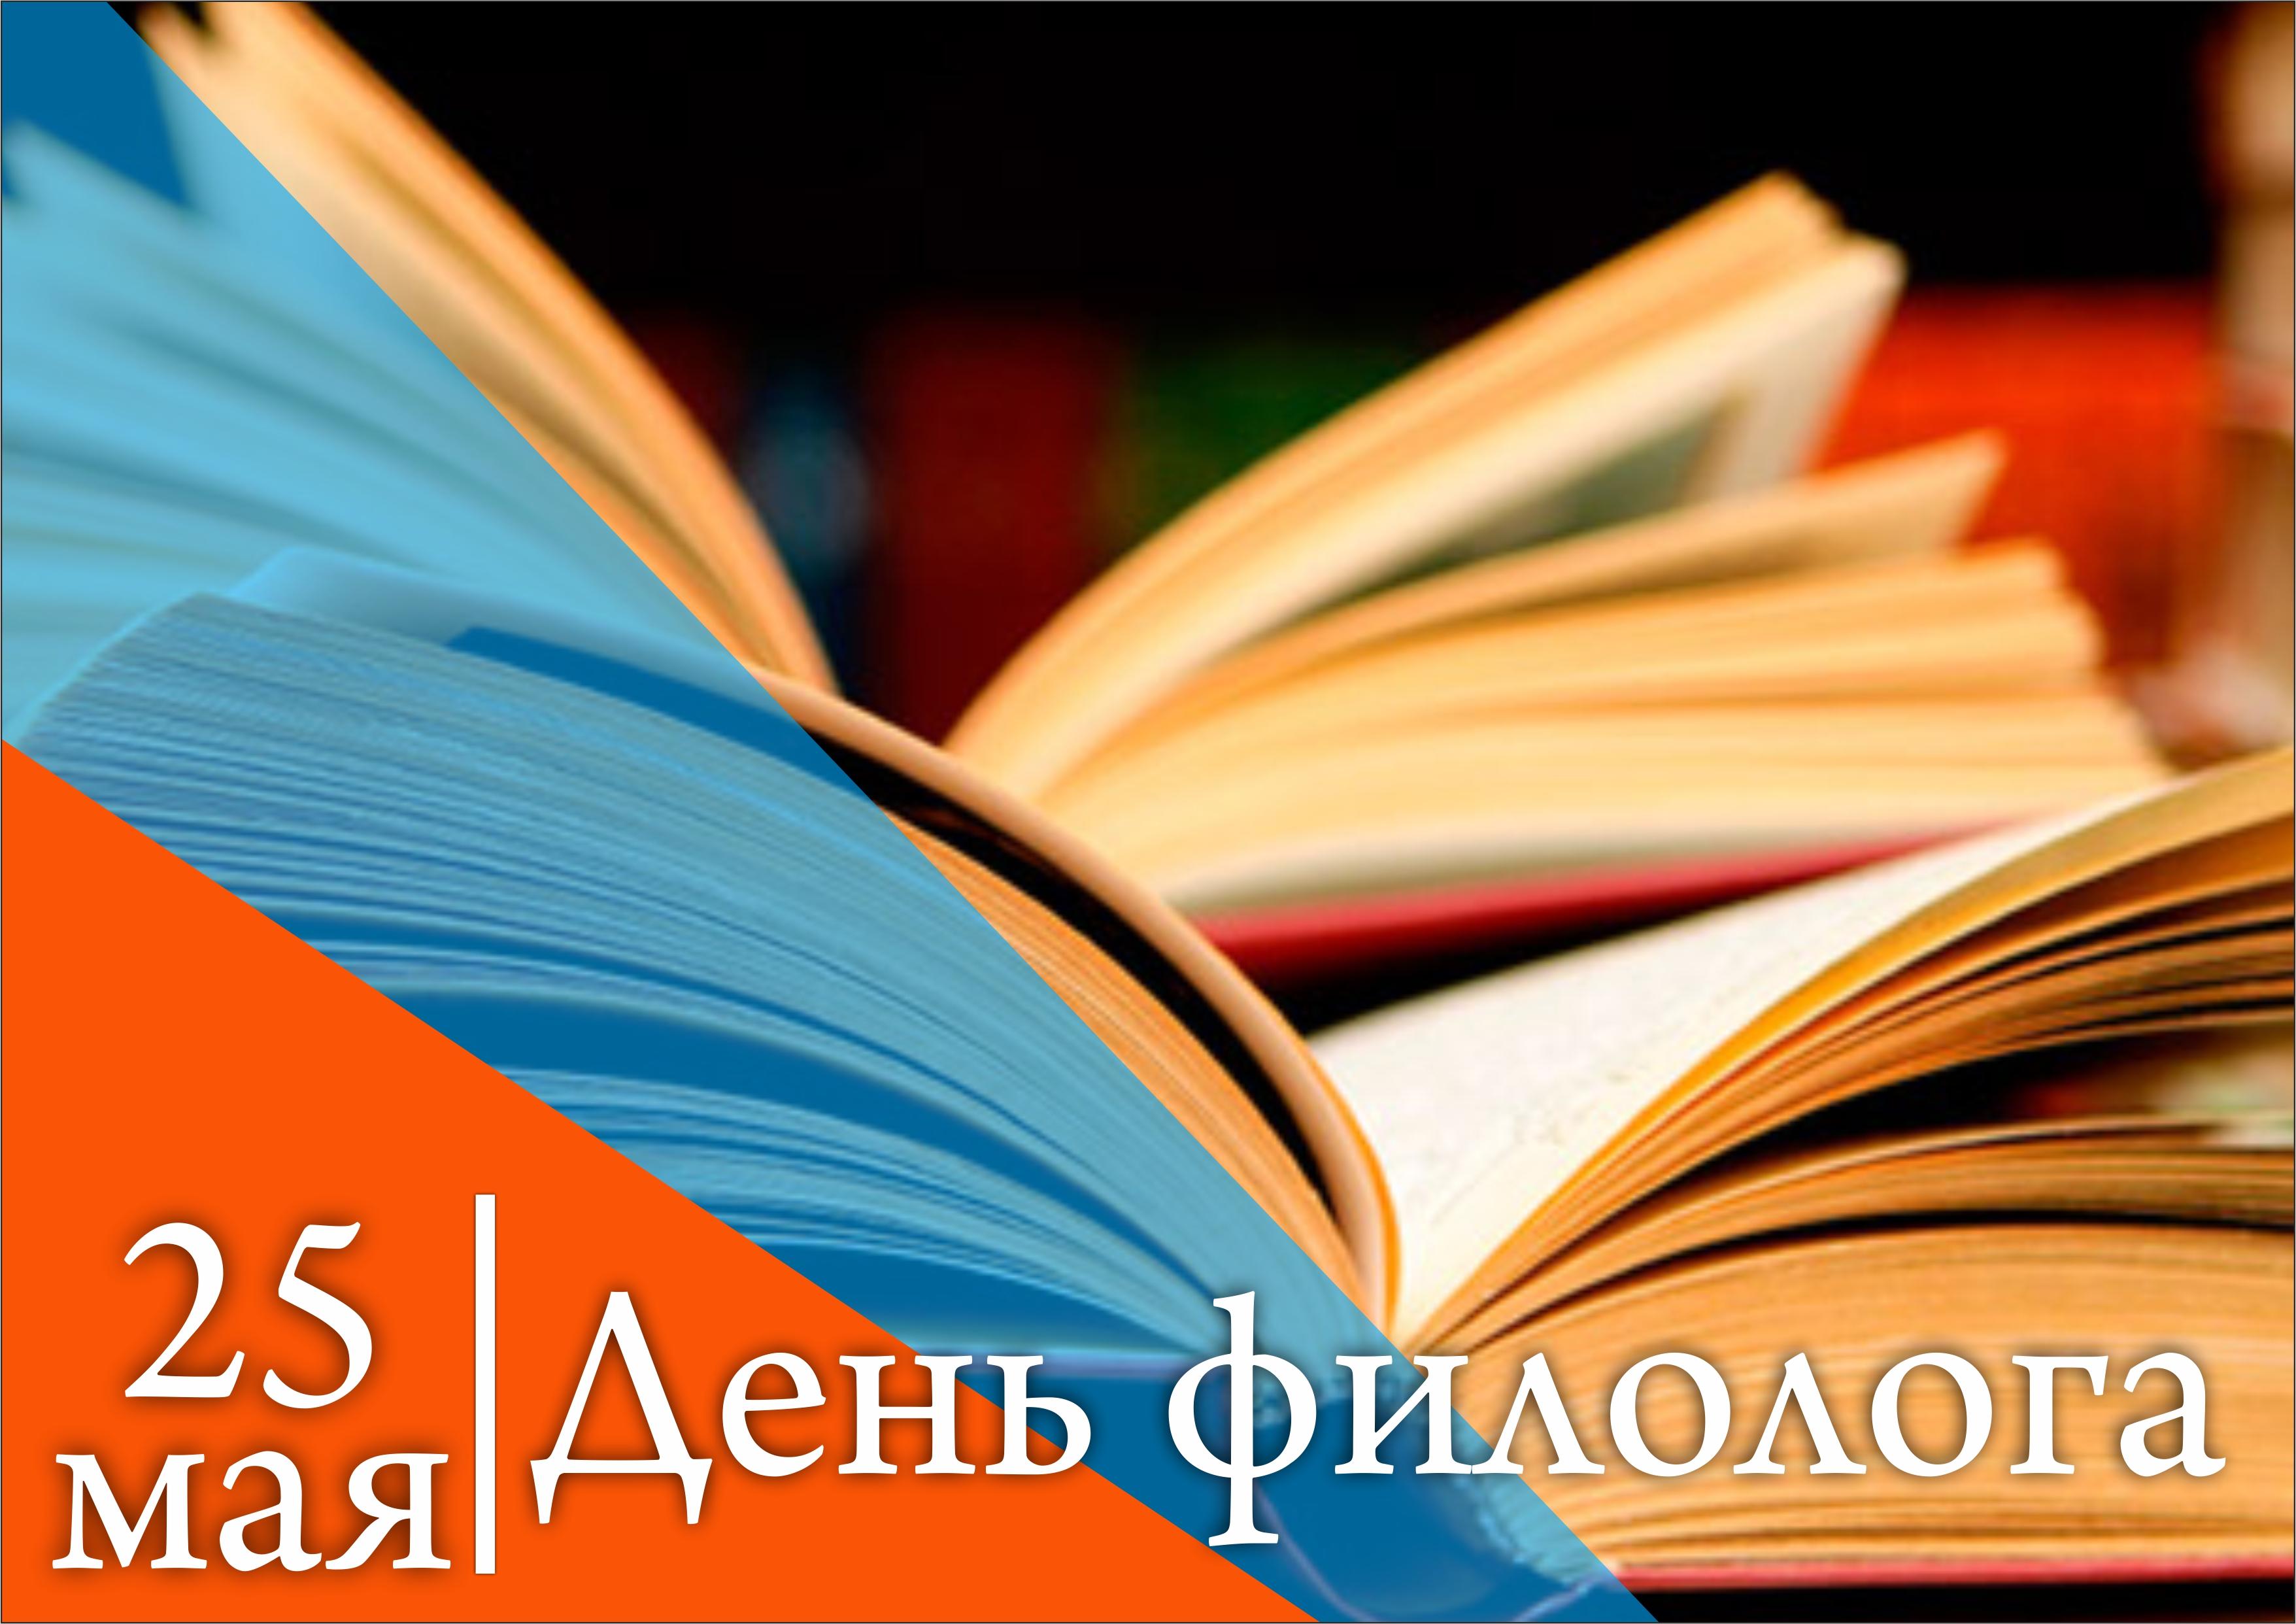 Картинки по запросу День филолога